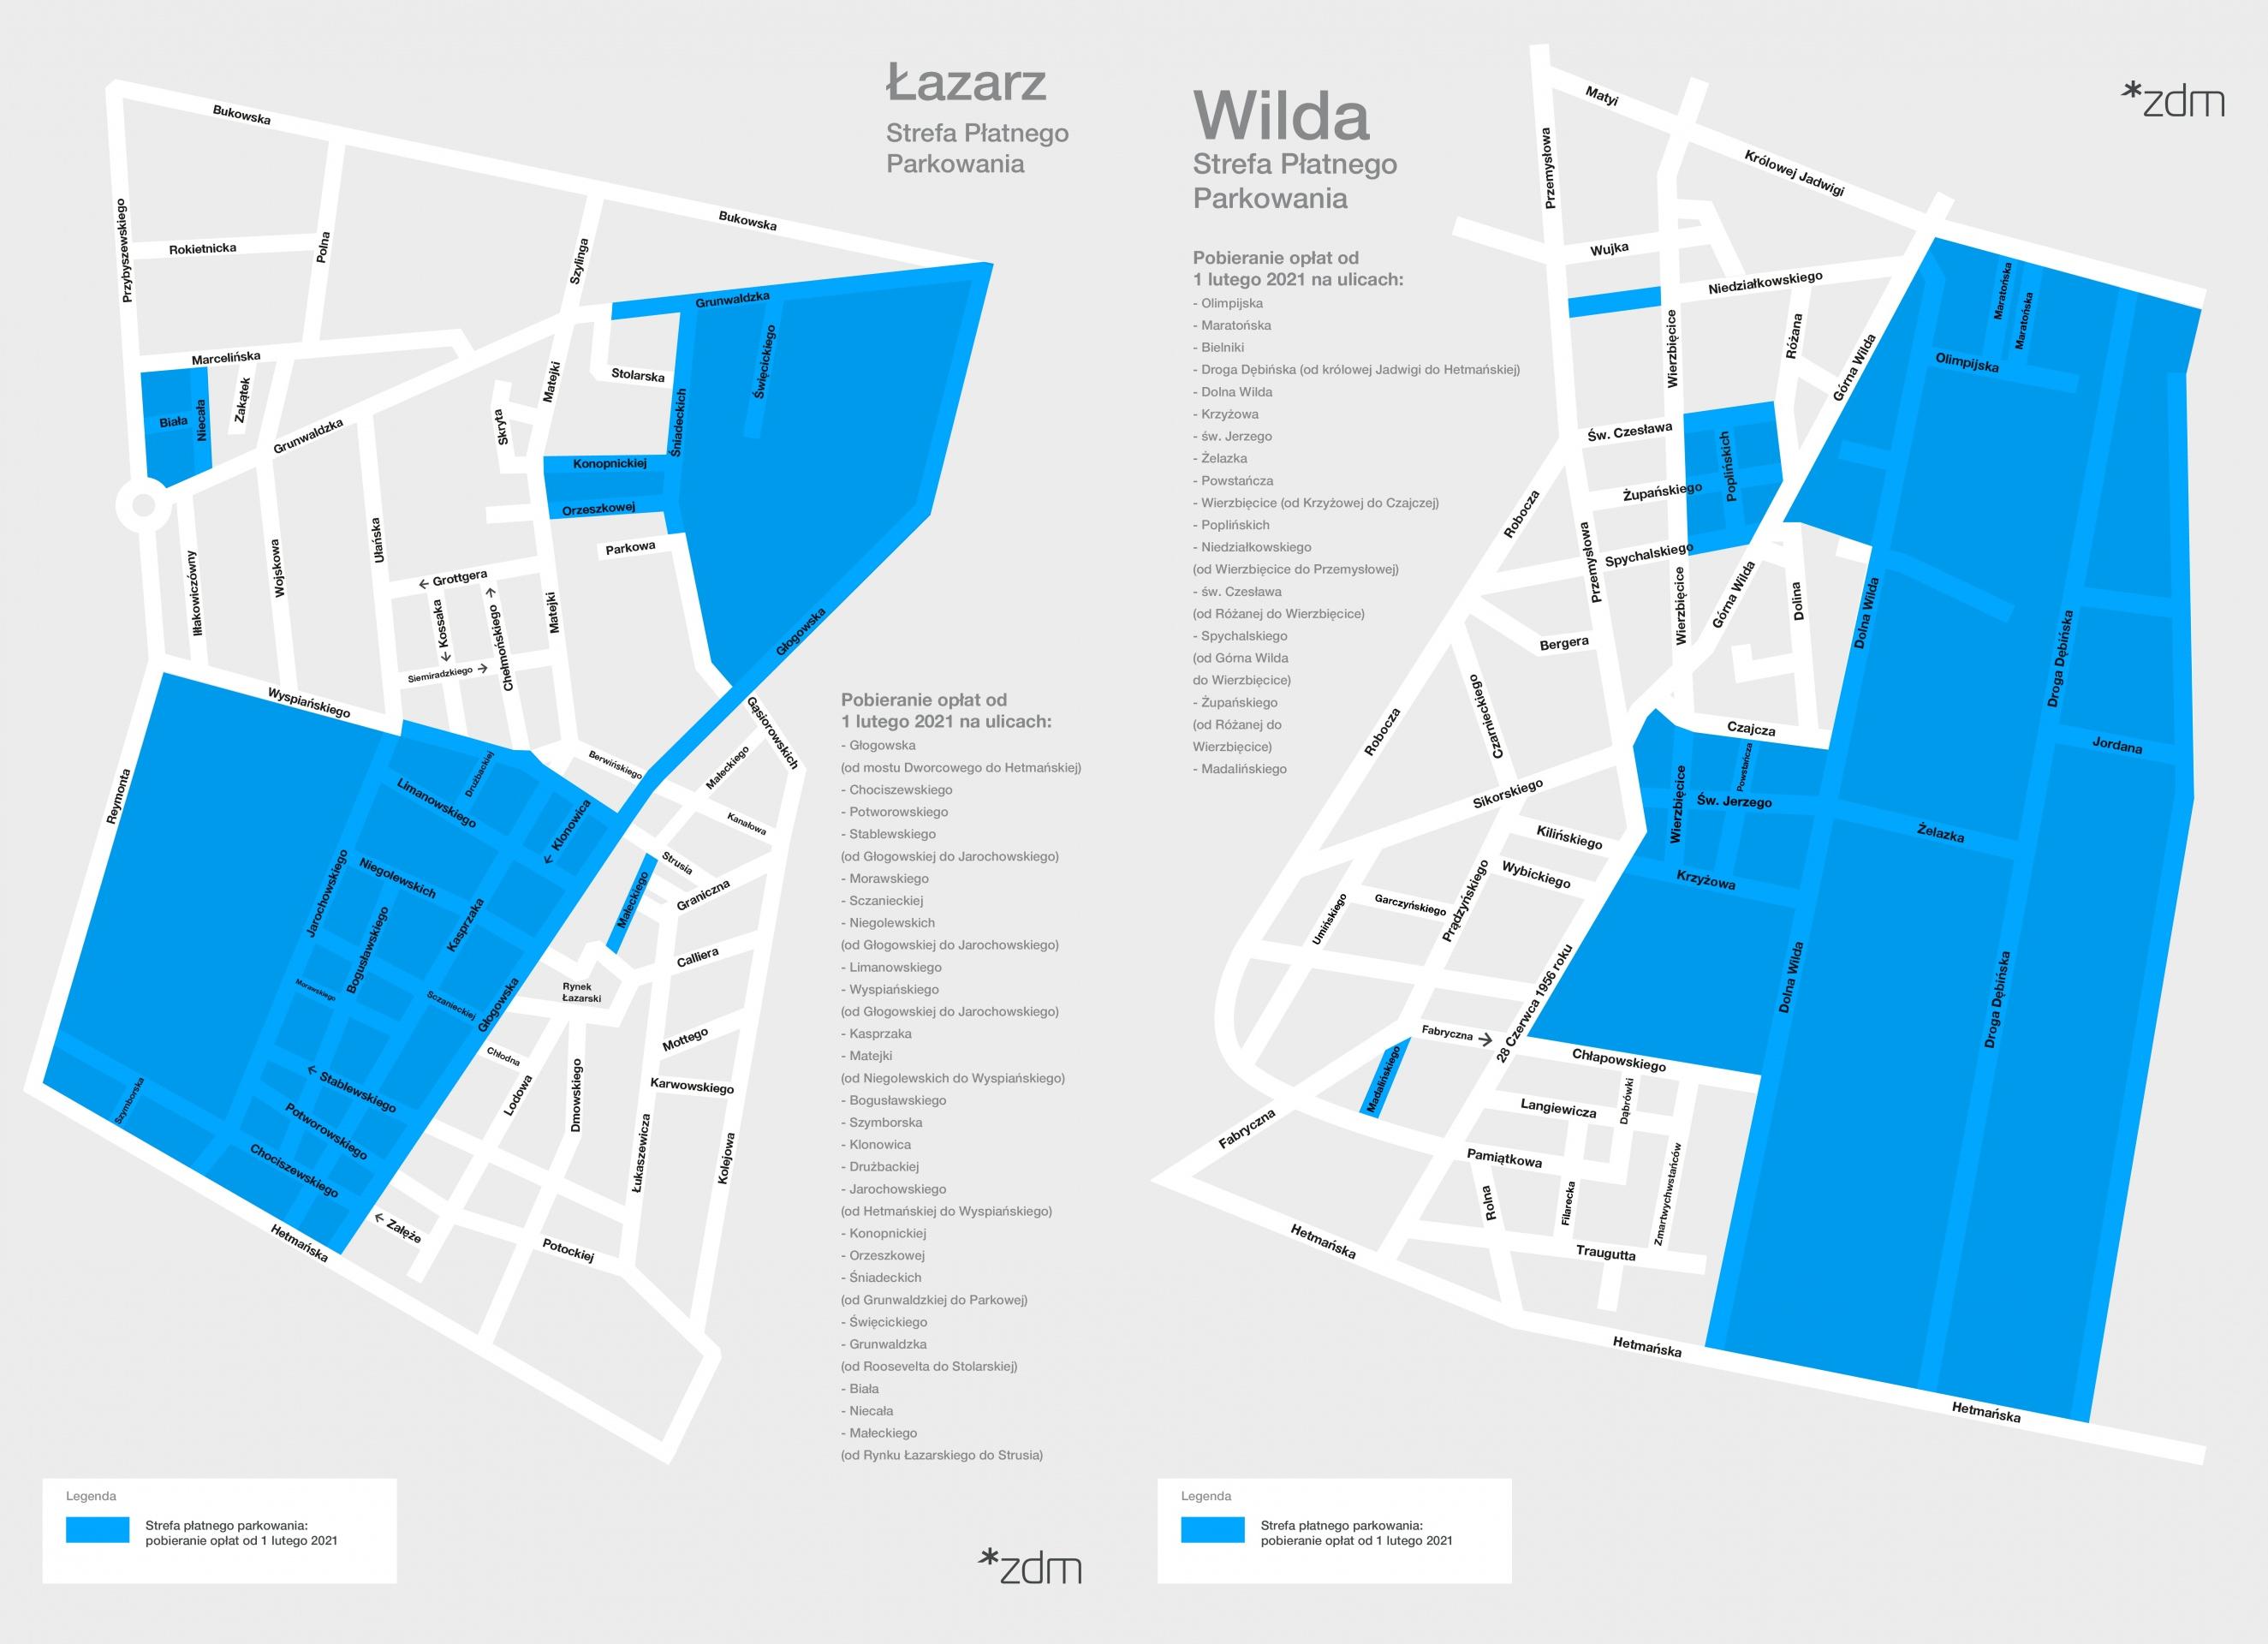 Ulice na Łazarzu i Wildzie, na których od 1 lutego 2021 roku rusza Strefa Płatnego Parkowania. Źródło: Zarząd Dróg Miejskich